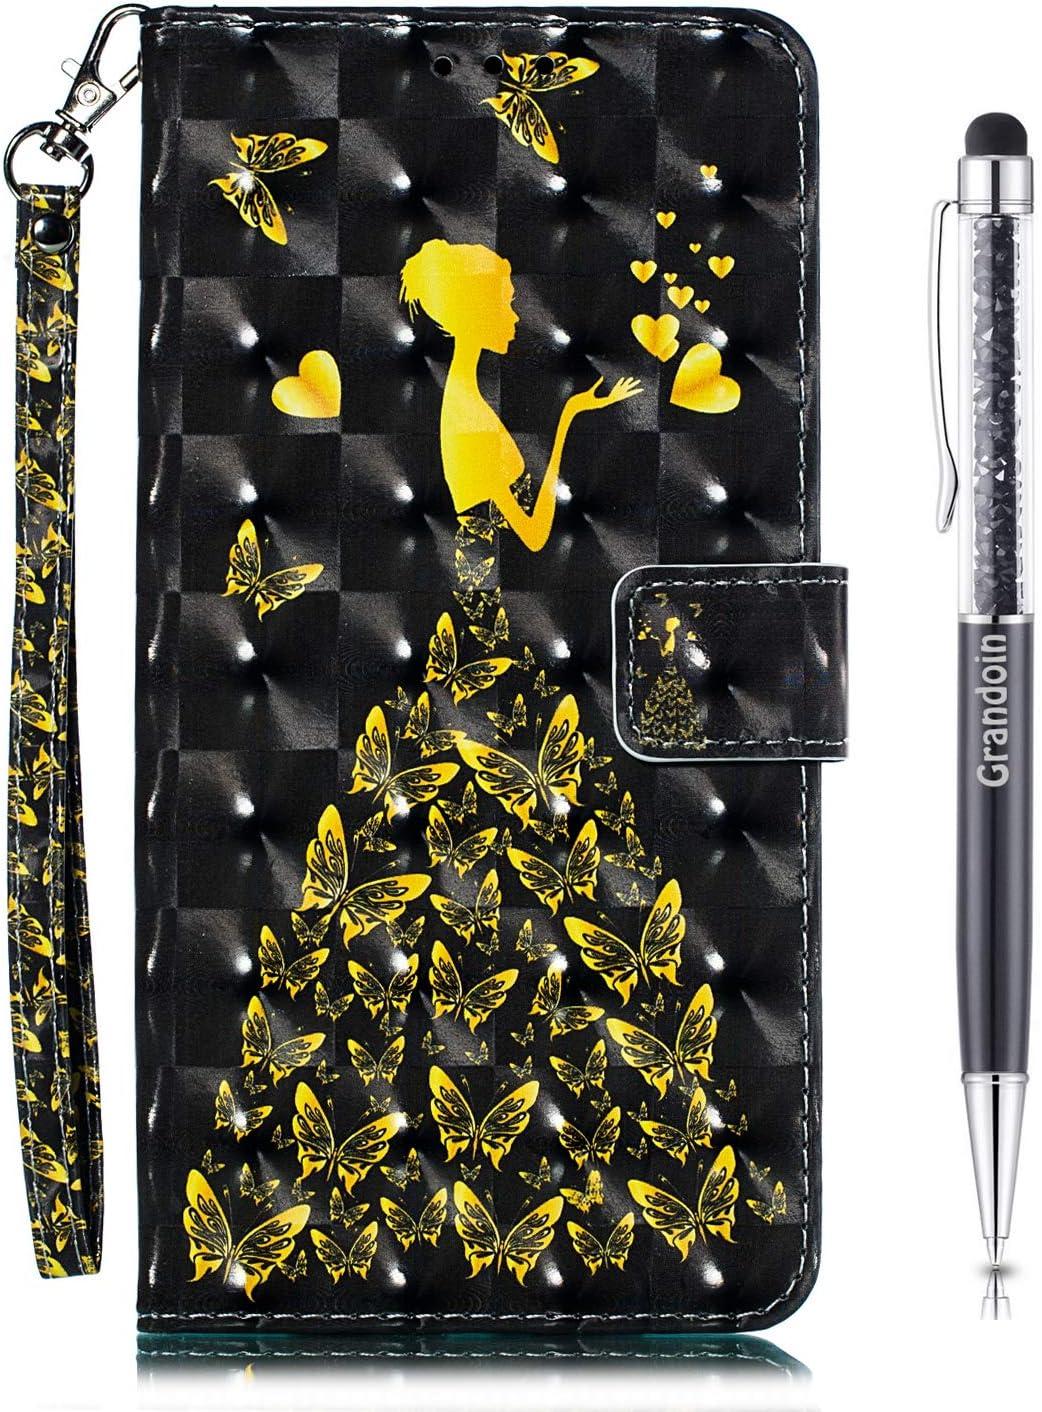 Grandoin Funda para iPhone 11 (6,1 Pulgadas), Superficie Colorida 3D PU Cuero Case Cuerpo Completo Carcasa Protectora Cartera Soporte Plegable Función Fundas Case Cover (Mujer)